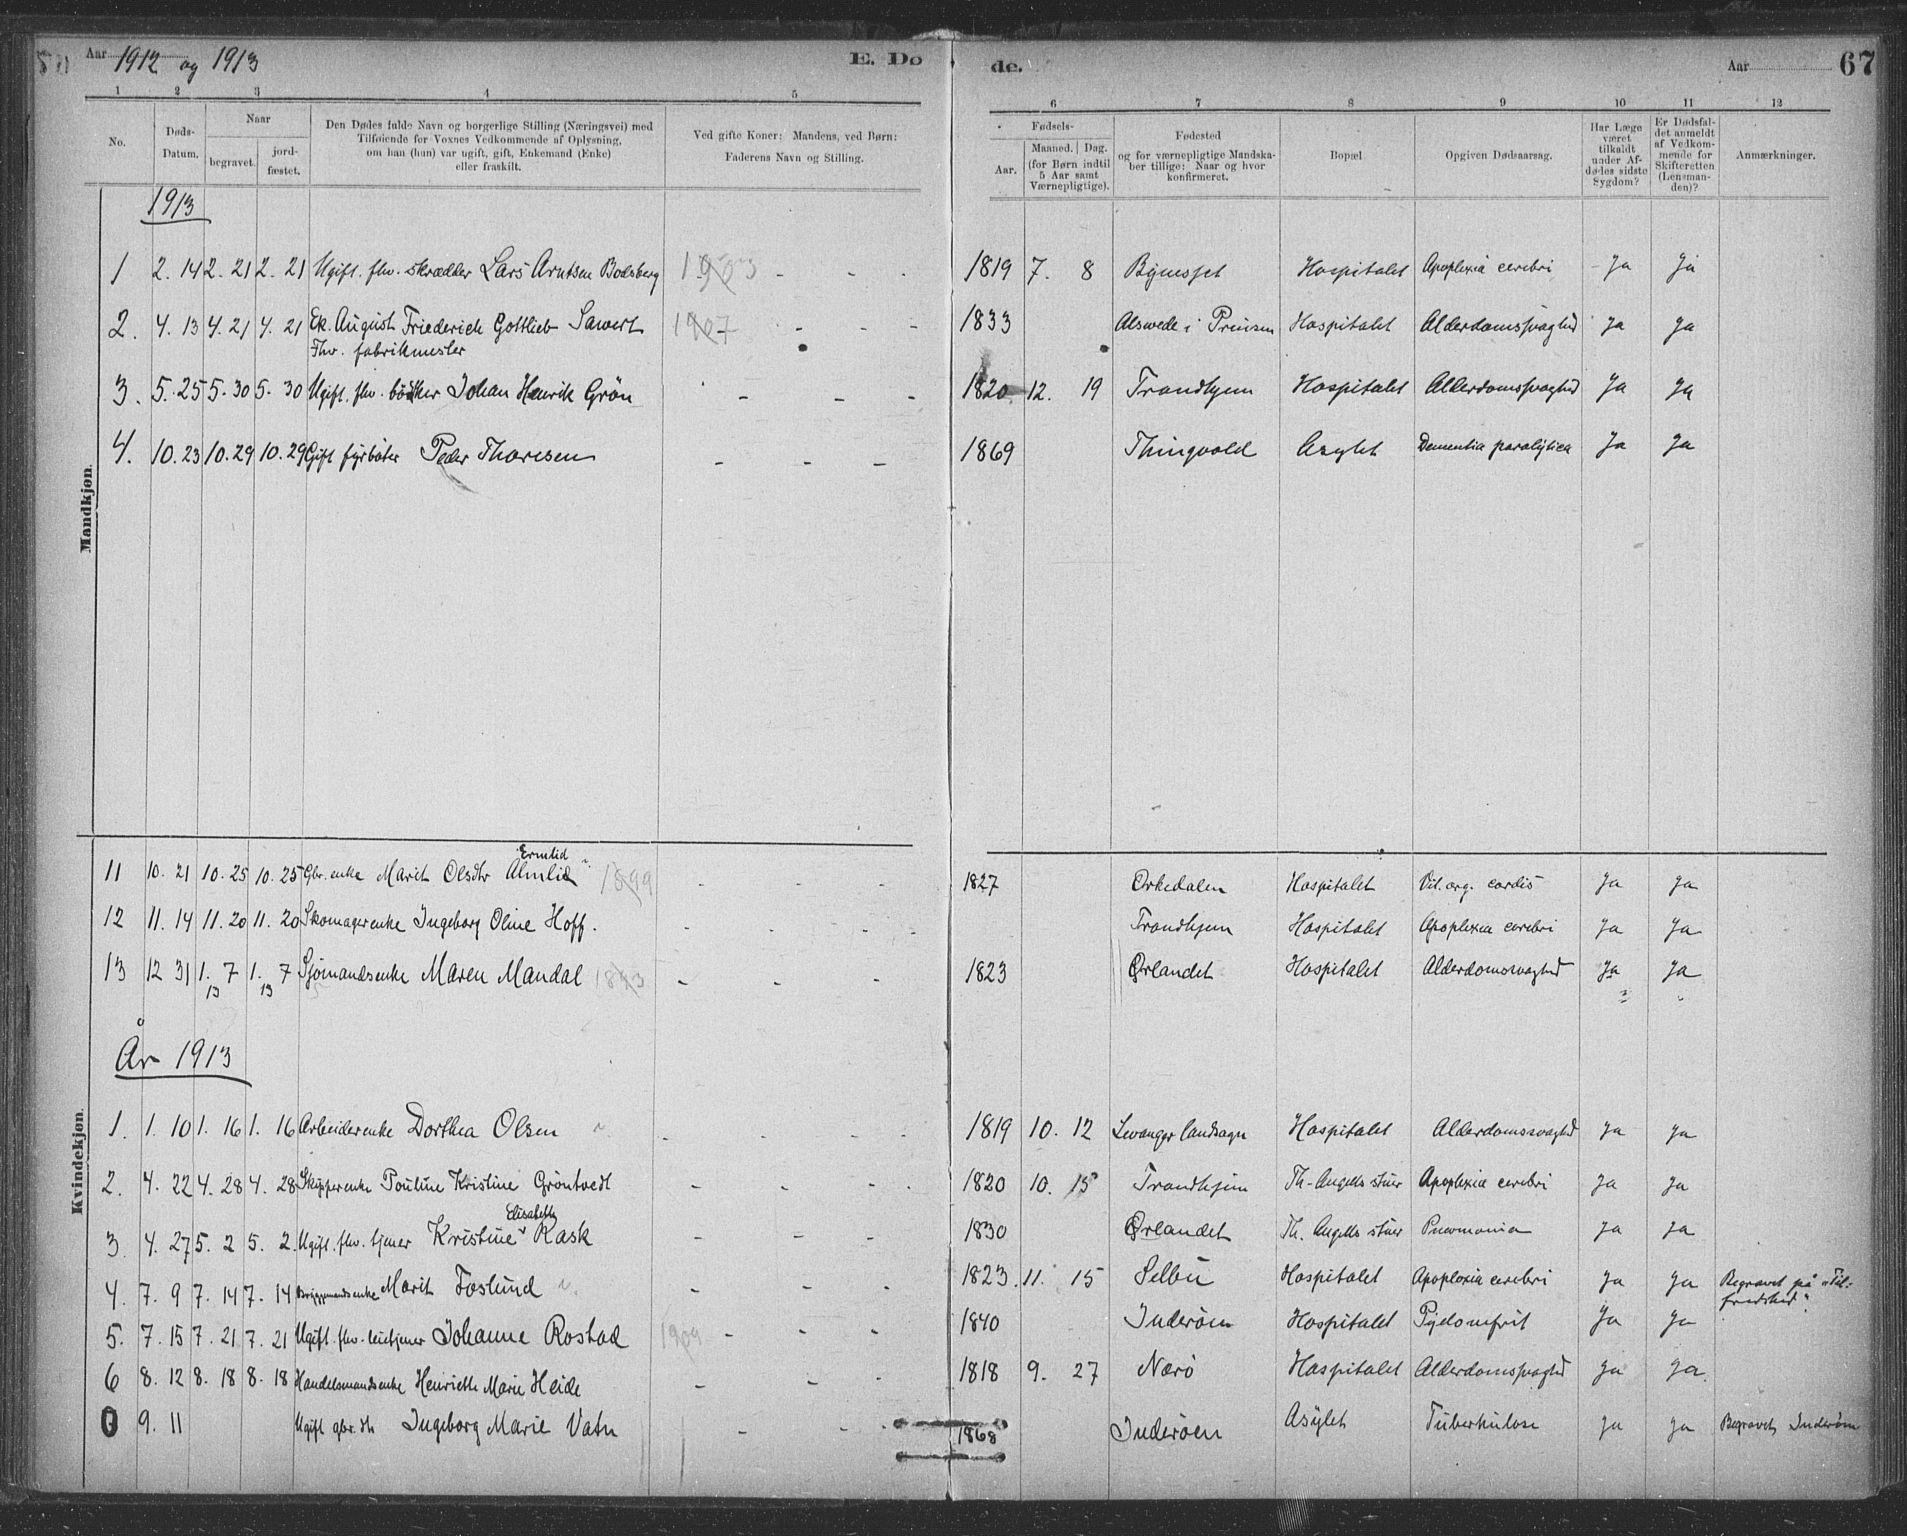 SAT, Ministerialprotokoller, klokkerbøker og fødselsregistre - Sør-Trøndelag, 623/L0470: Ministerialbok nr. 623A04, 1884-1938, s. 67